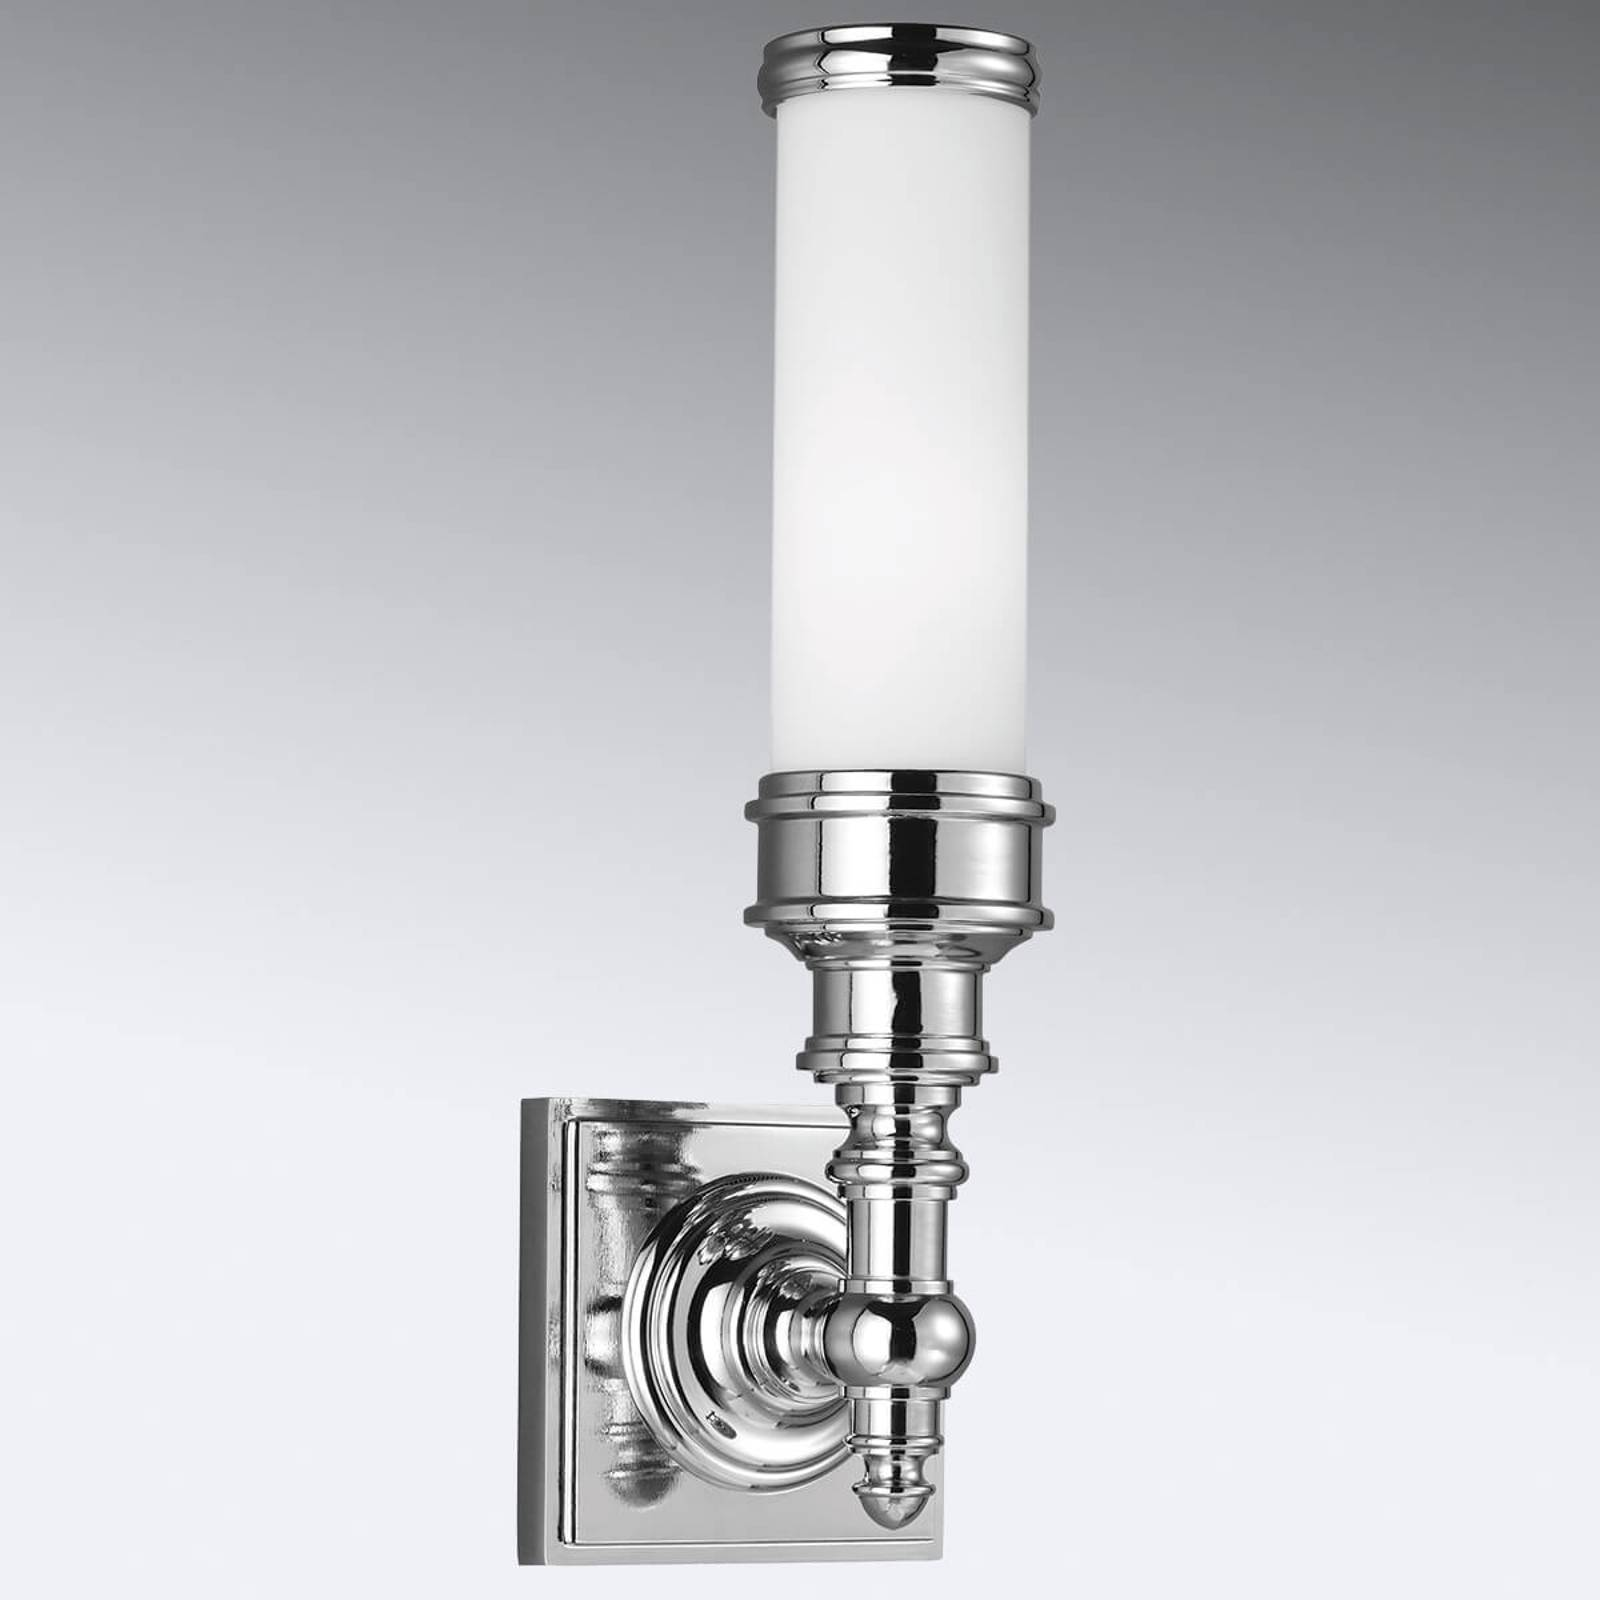 Applique pour salle de bains Payne Ornate, 1 lampe